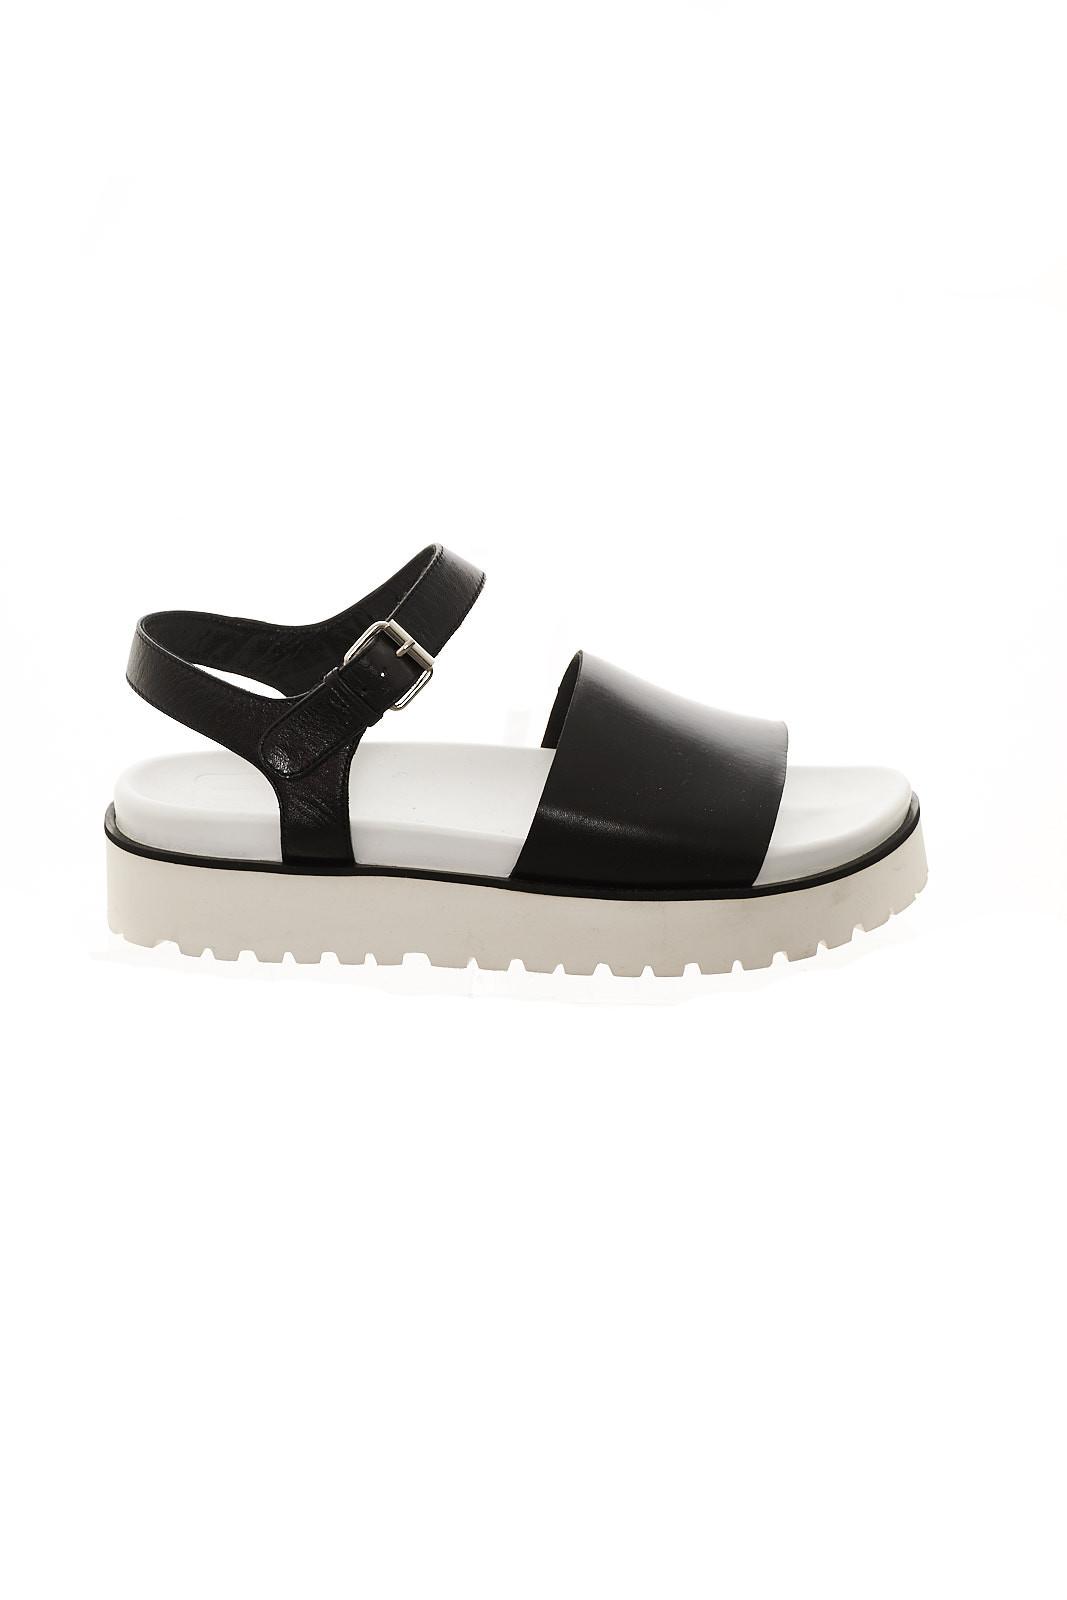 je suis isola de marras femmes mod.mr0023 sandales de isola cuir d2920d